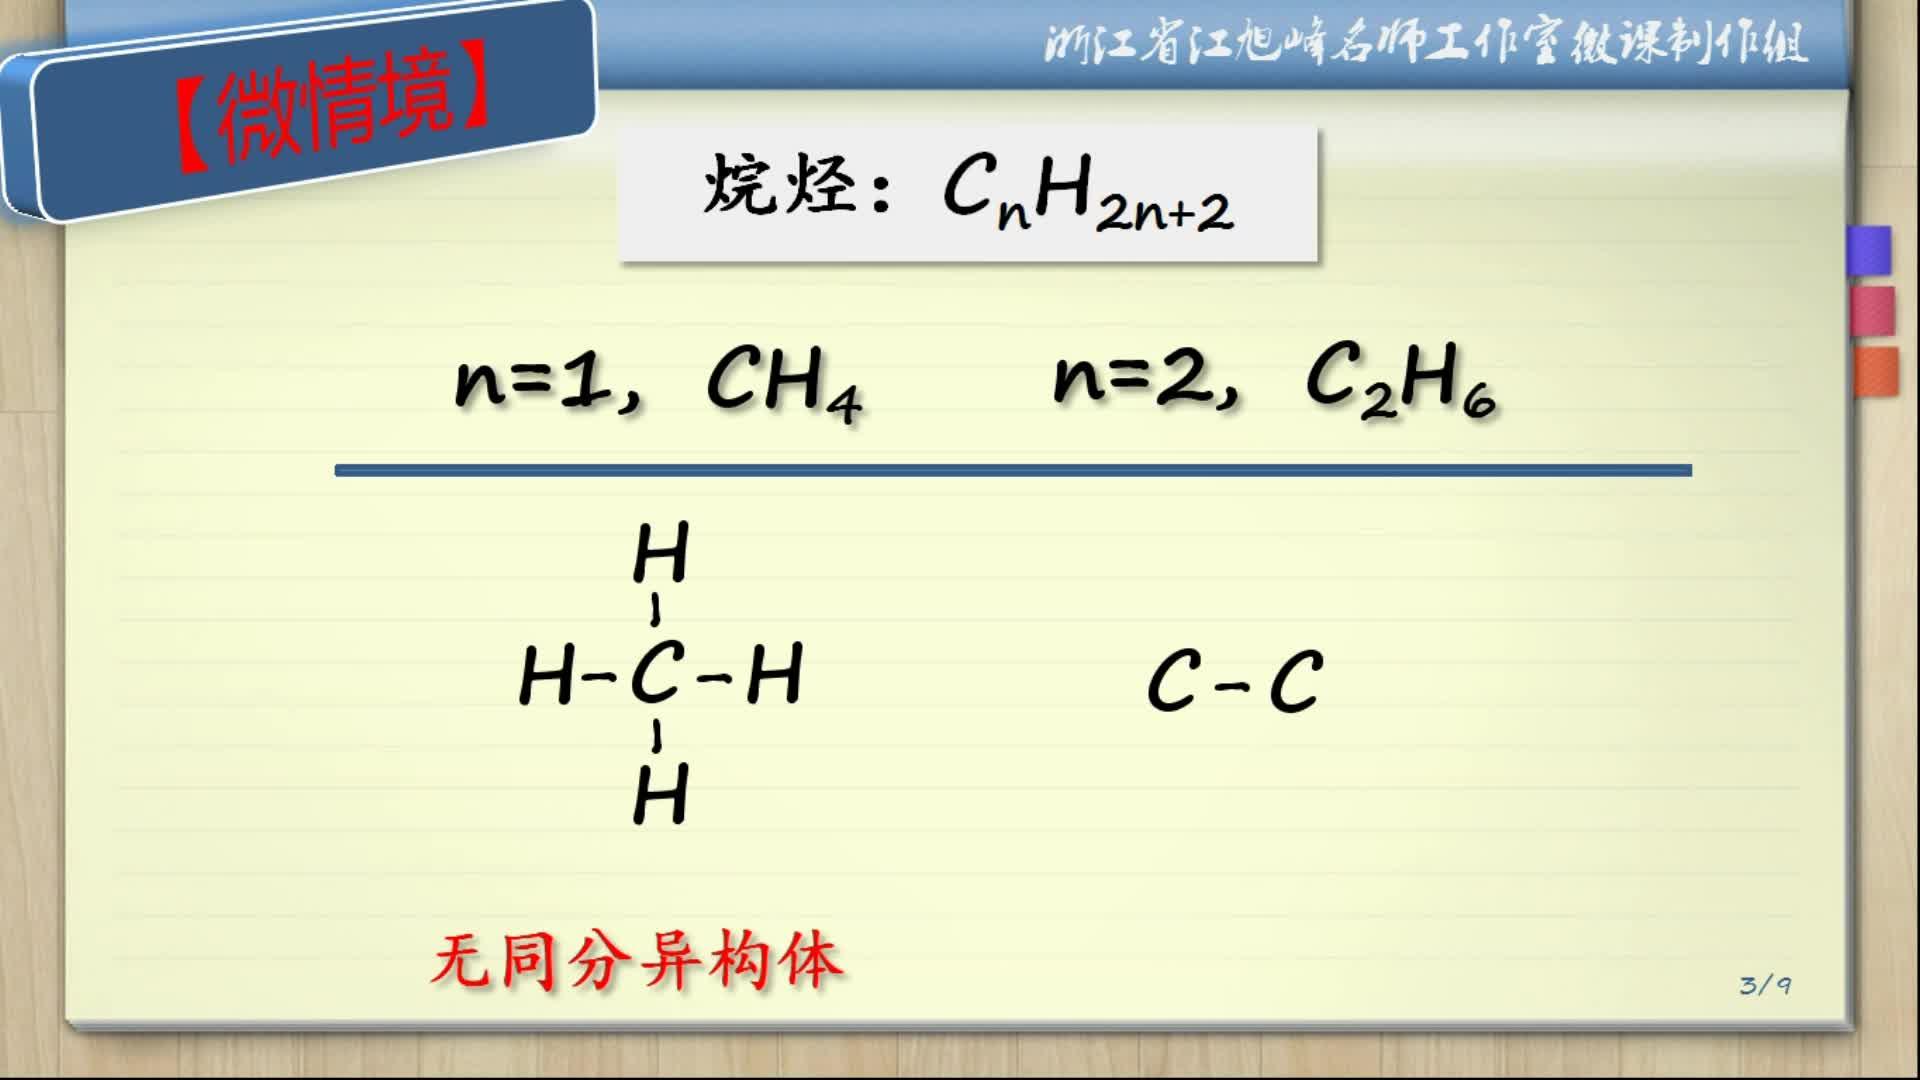 【名师微课】高中化学有机化学基础重、难点知识梳理(解题策略+反思归纳)精彩讲解视频:烃类同分异构体的书写